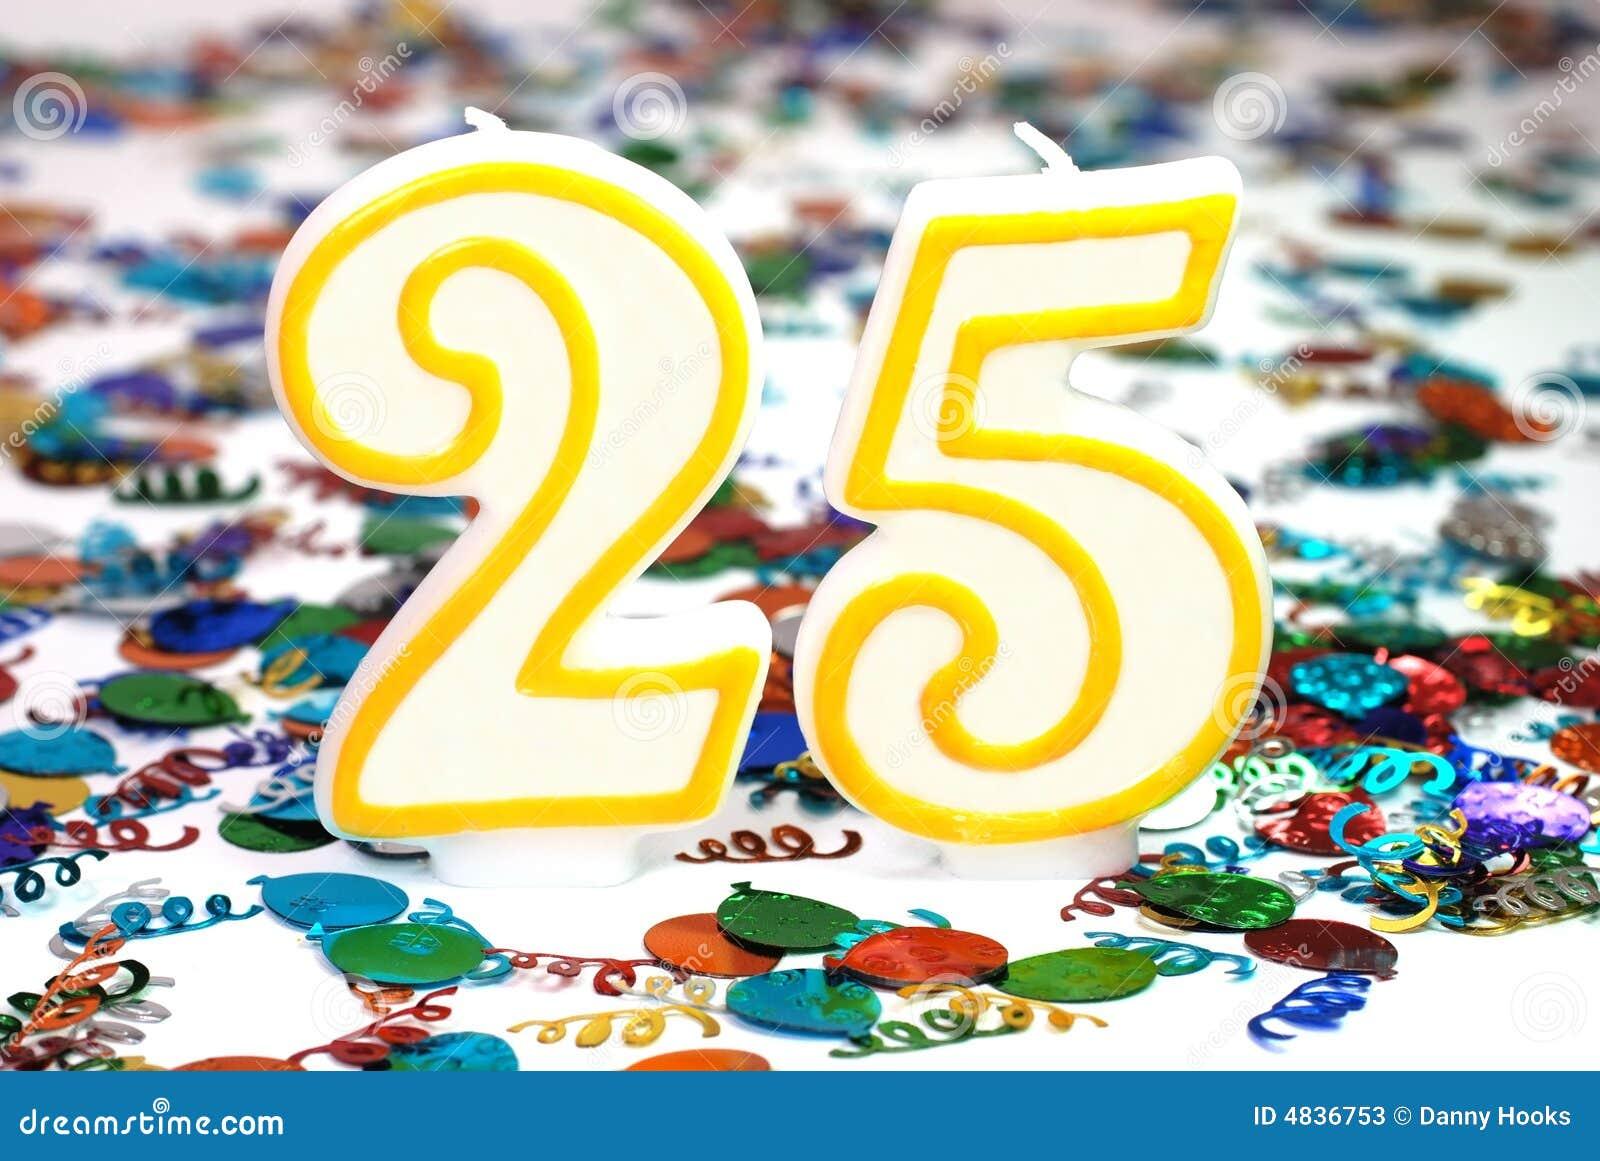 Vela De La Celebracion Numero 25 Imagen De Archivo Imagen De